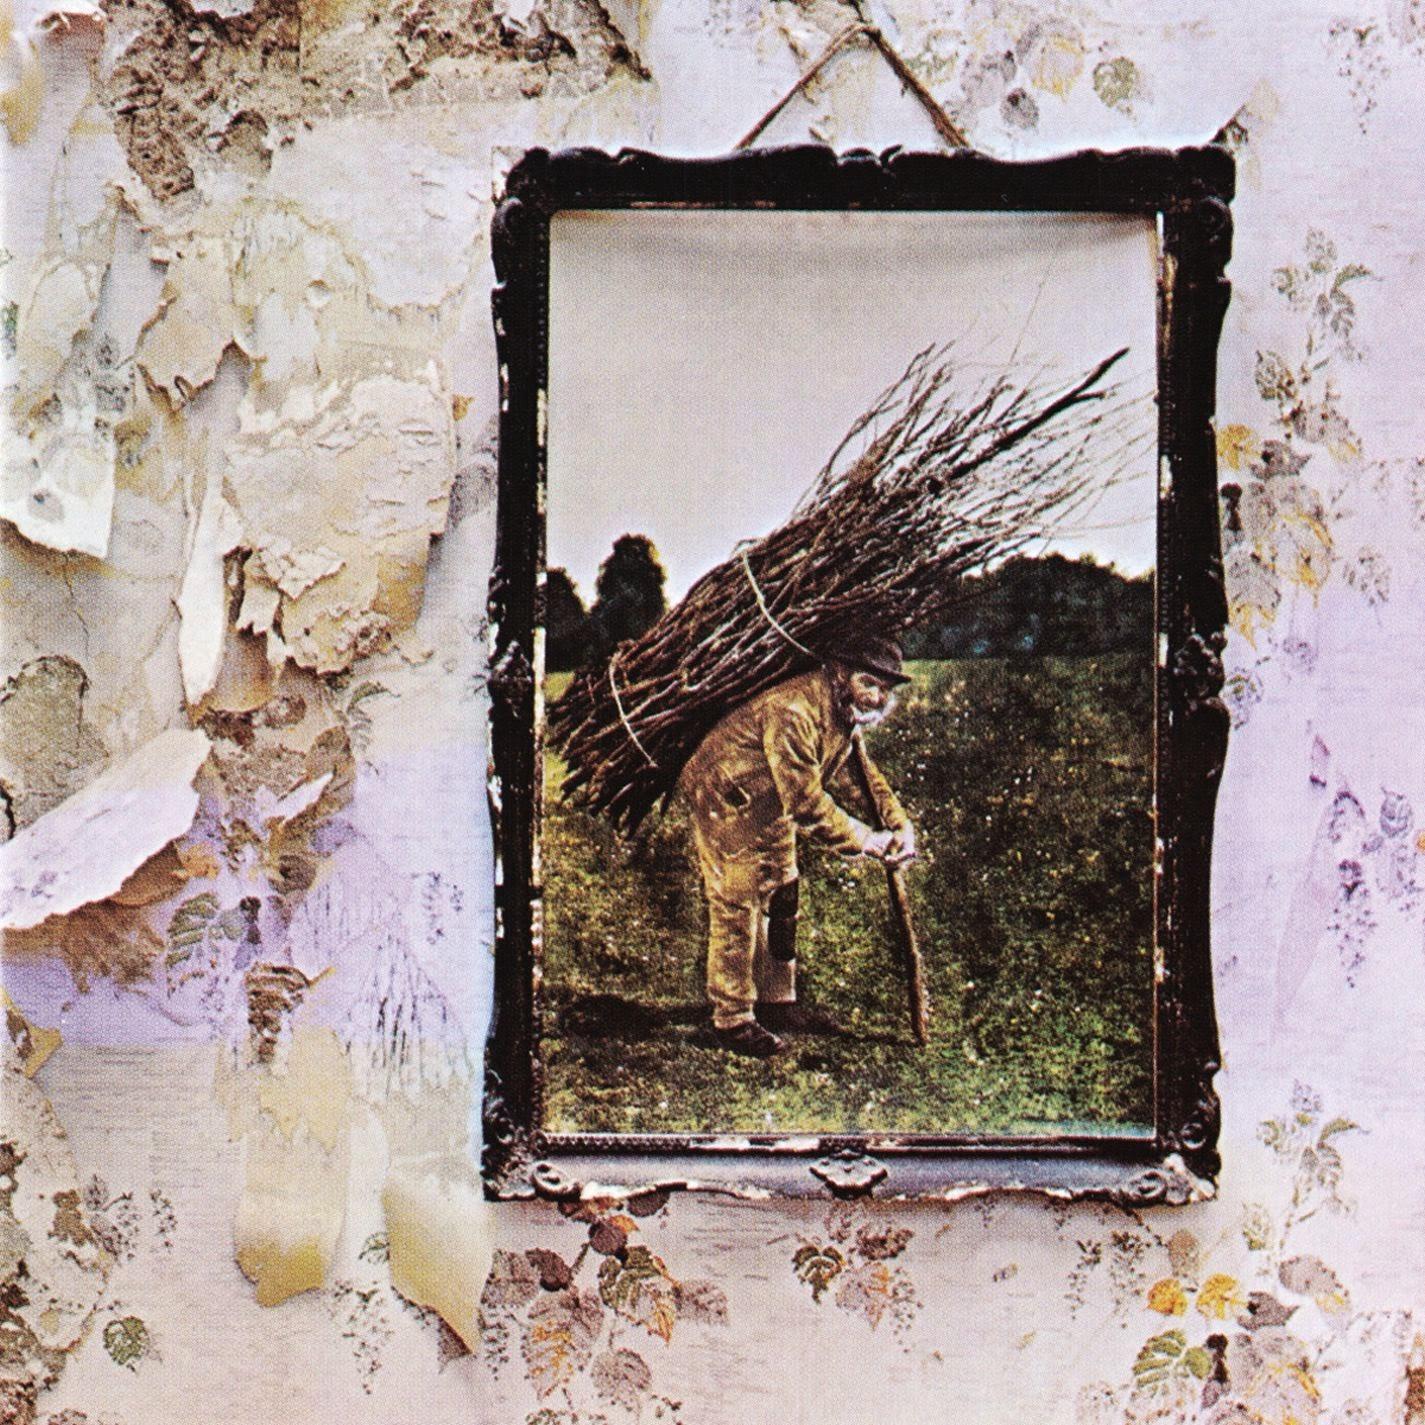 1970 - Untitled (Led Zeppelin IV)